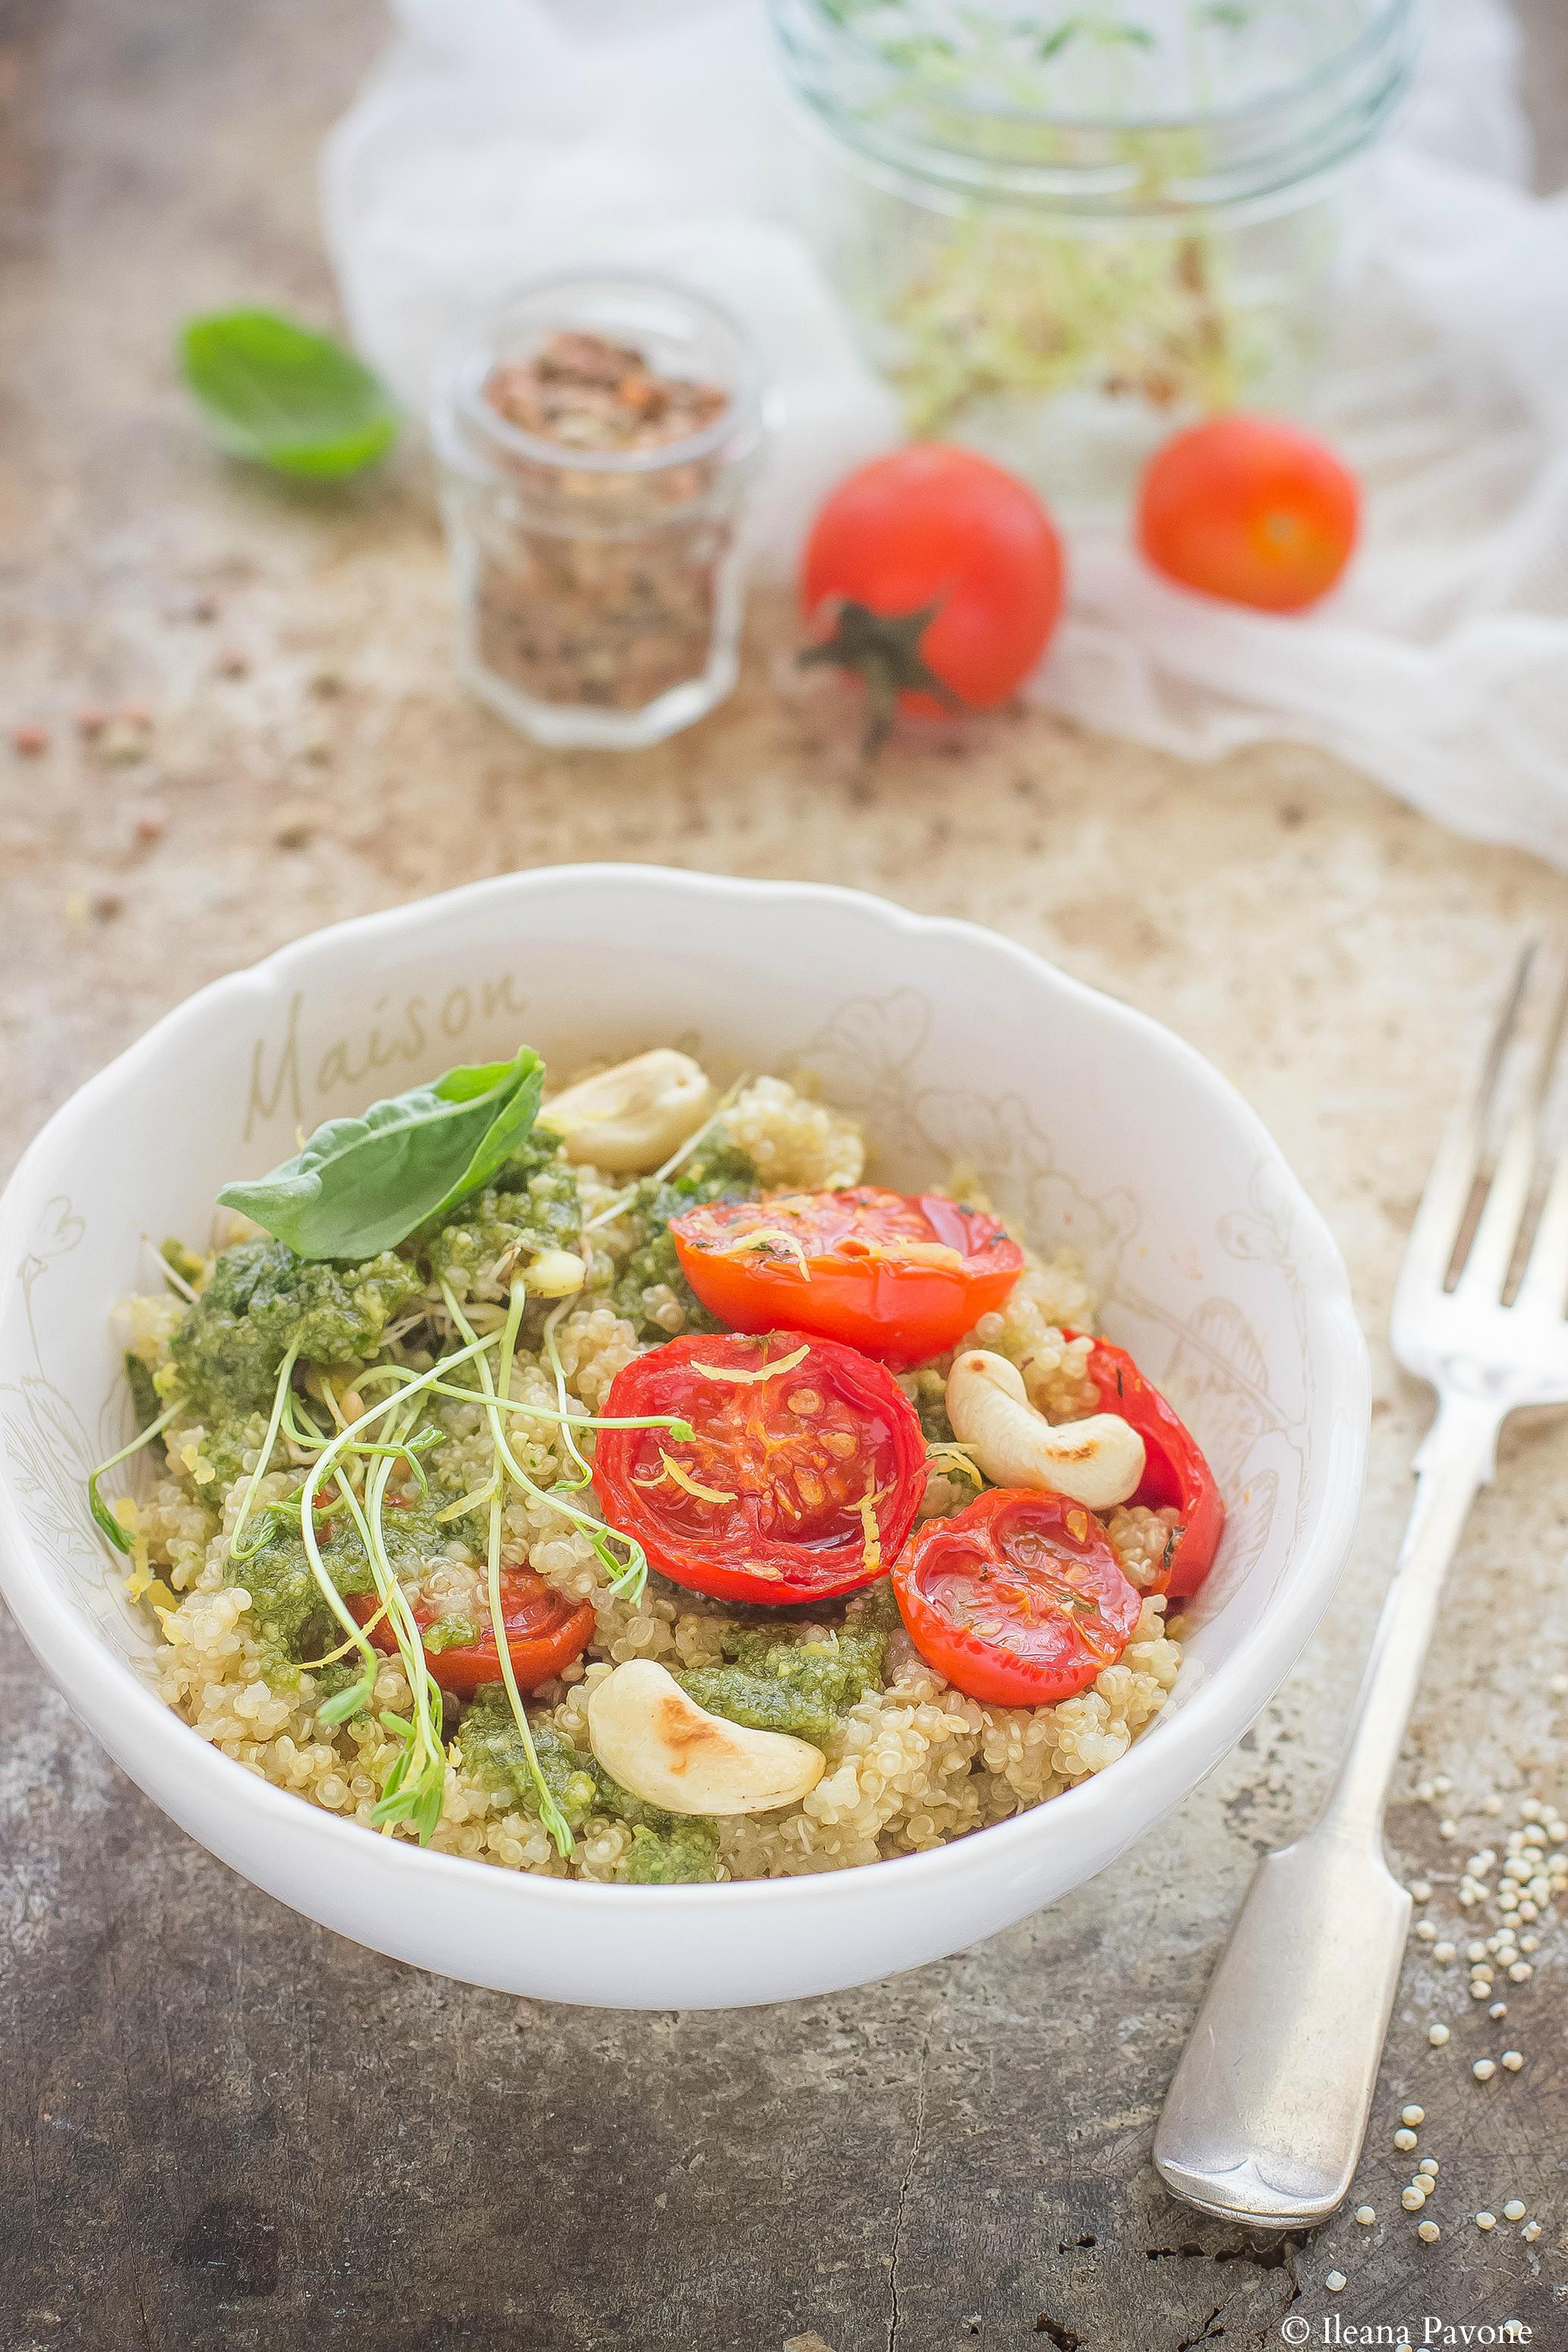 Insalata di quinoa con pomodorini al forno e germogli di lenticchie per Taste & More